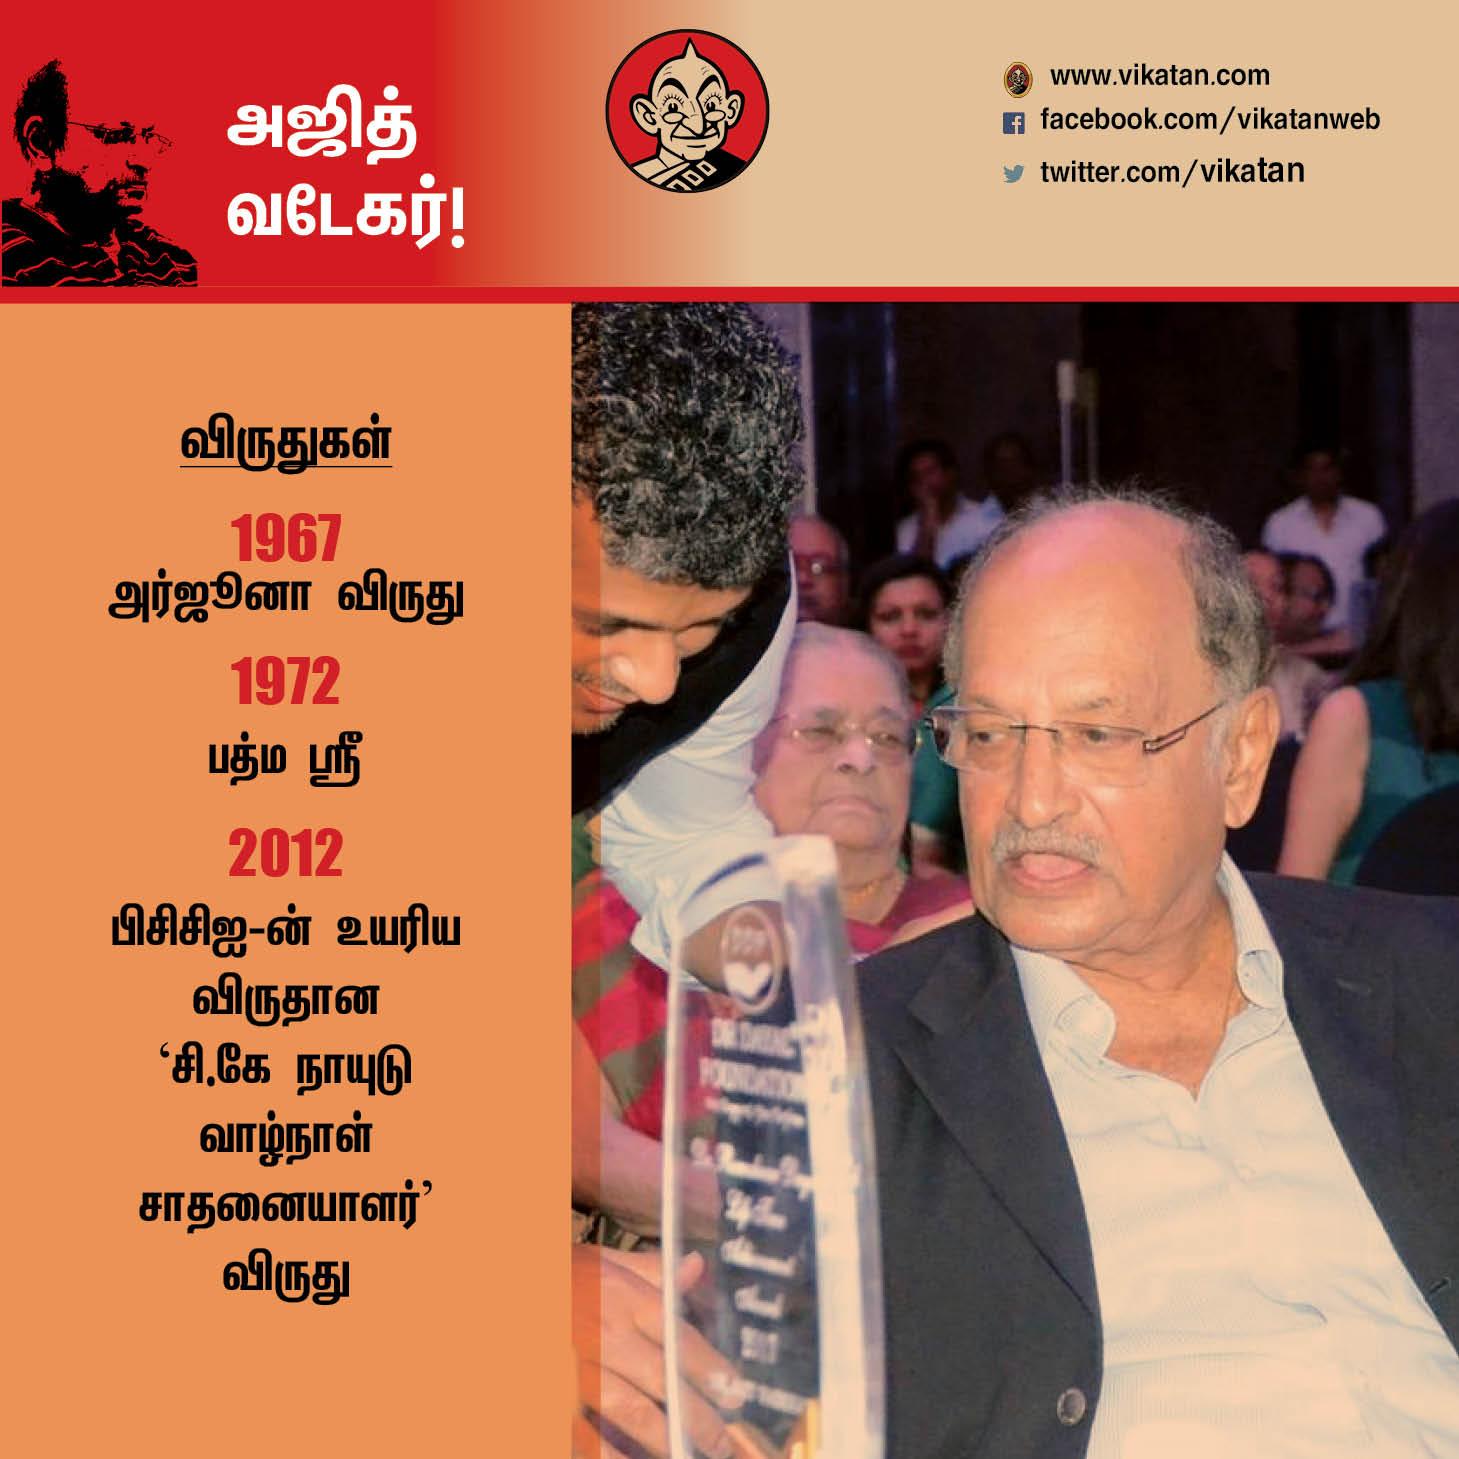 அஜித் வடேகர்...  இங்கிலாந்தில் முதல் டெஸ்ட் தொடர் வெற்றியை சாத்தியமாக்கியவர்!  #VikatanPhotoCards